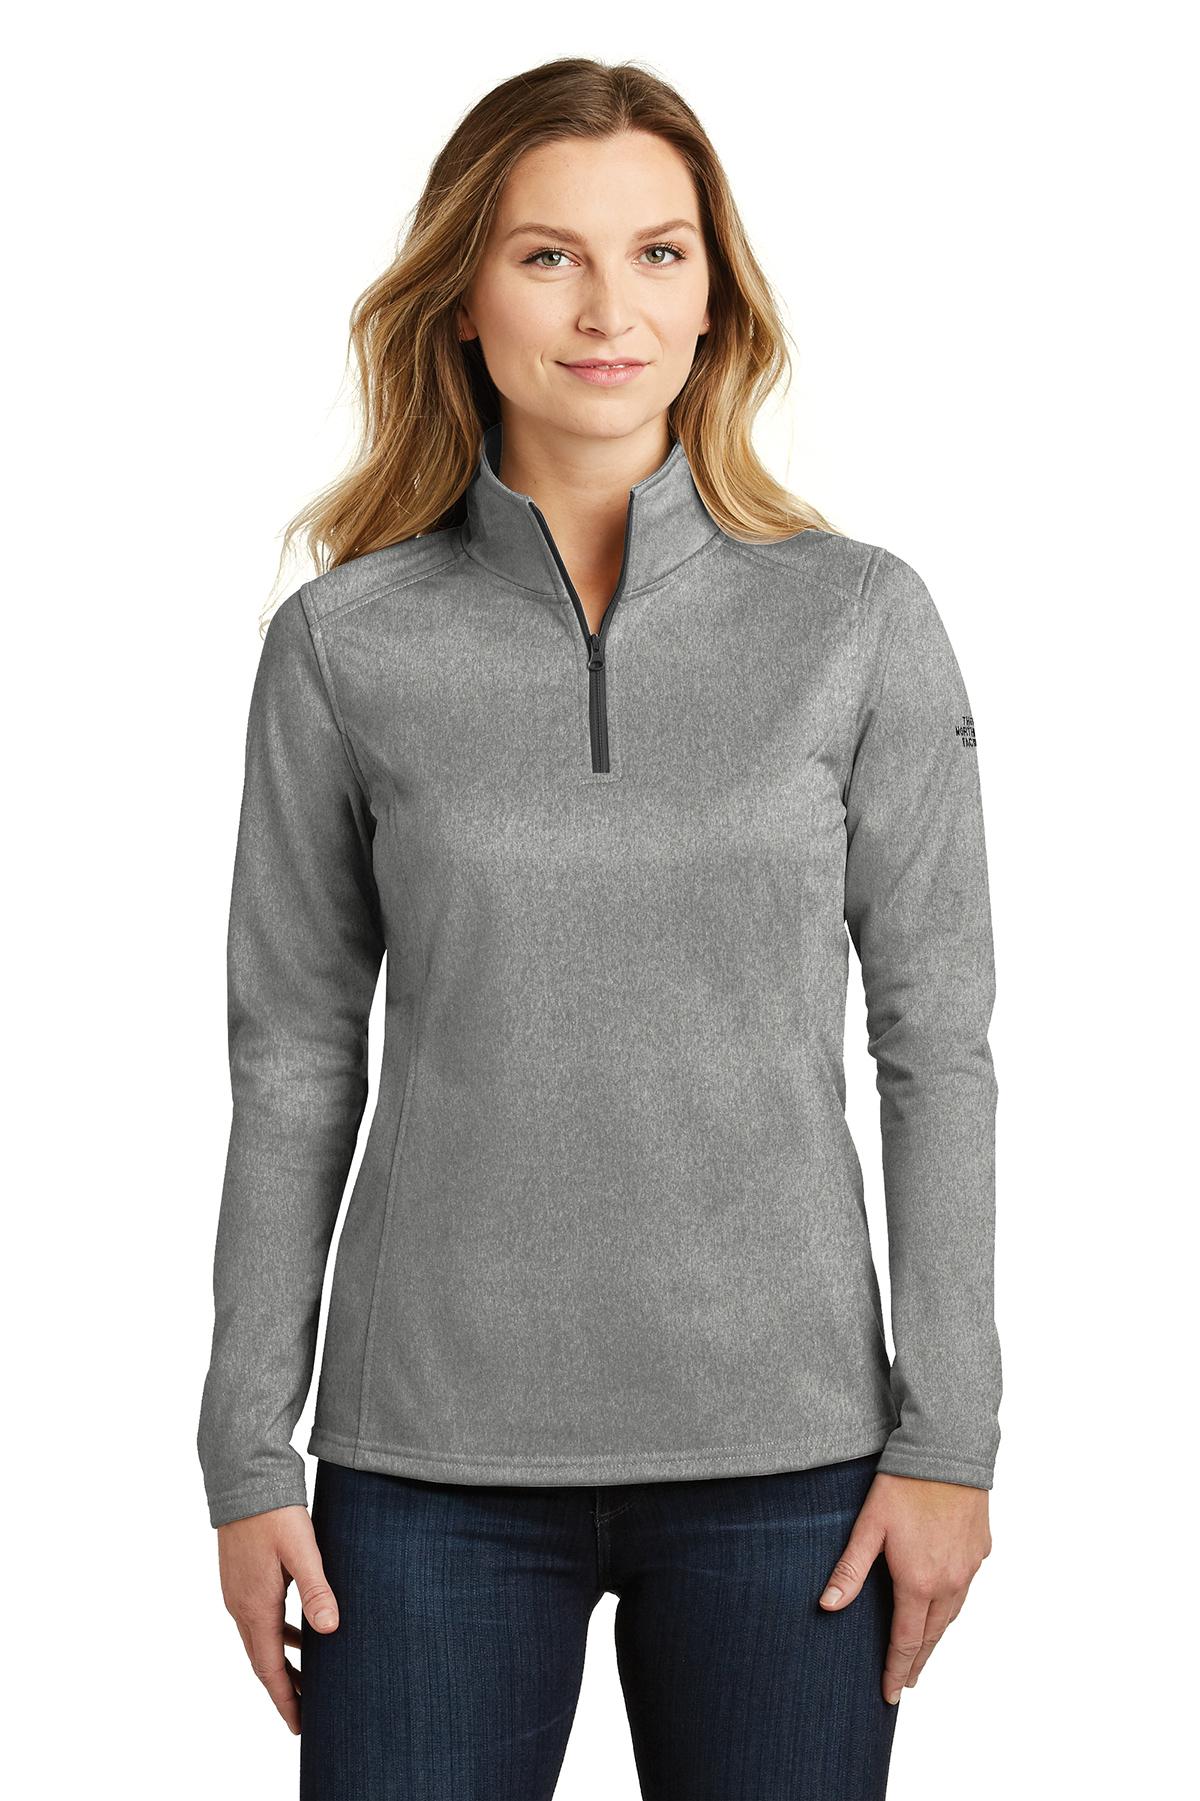 faf72cadc The North Face® Ladies Tech 1/4-Zip Fleece | Sweatshirts/Fleece | SanMar